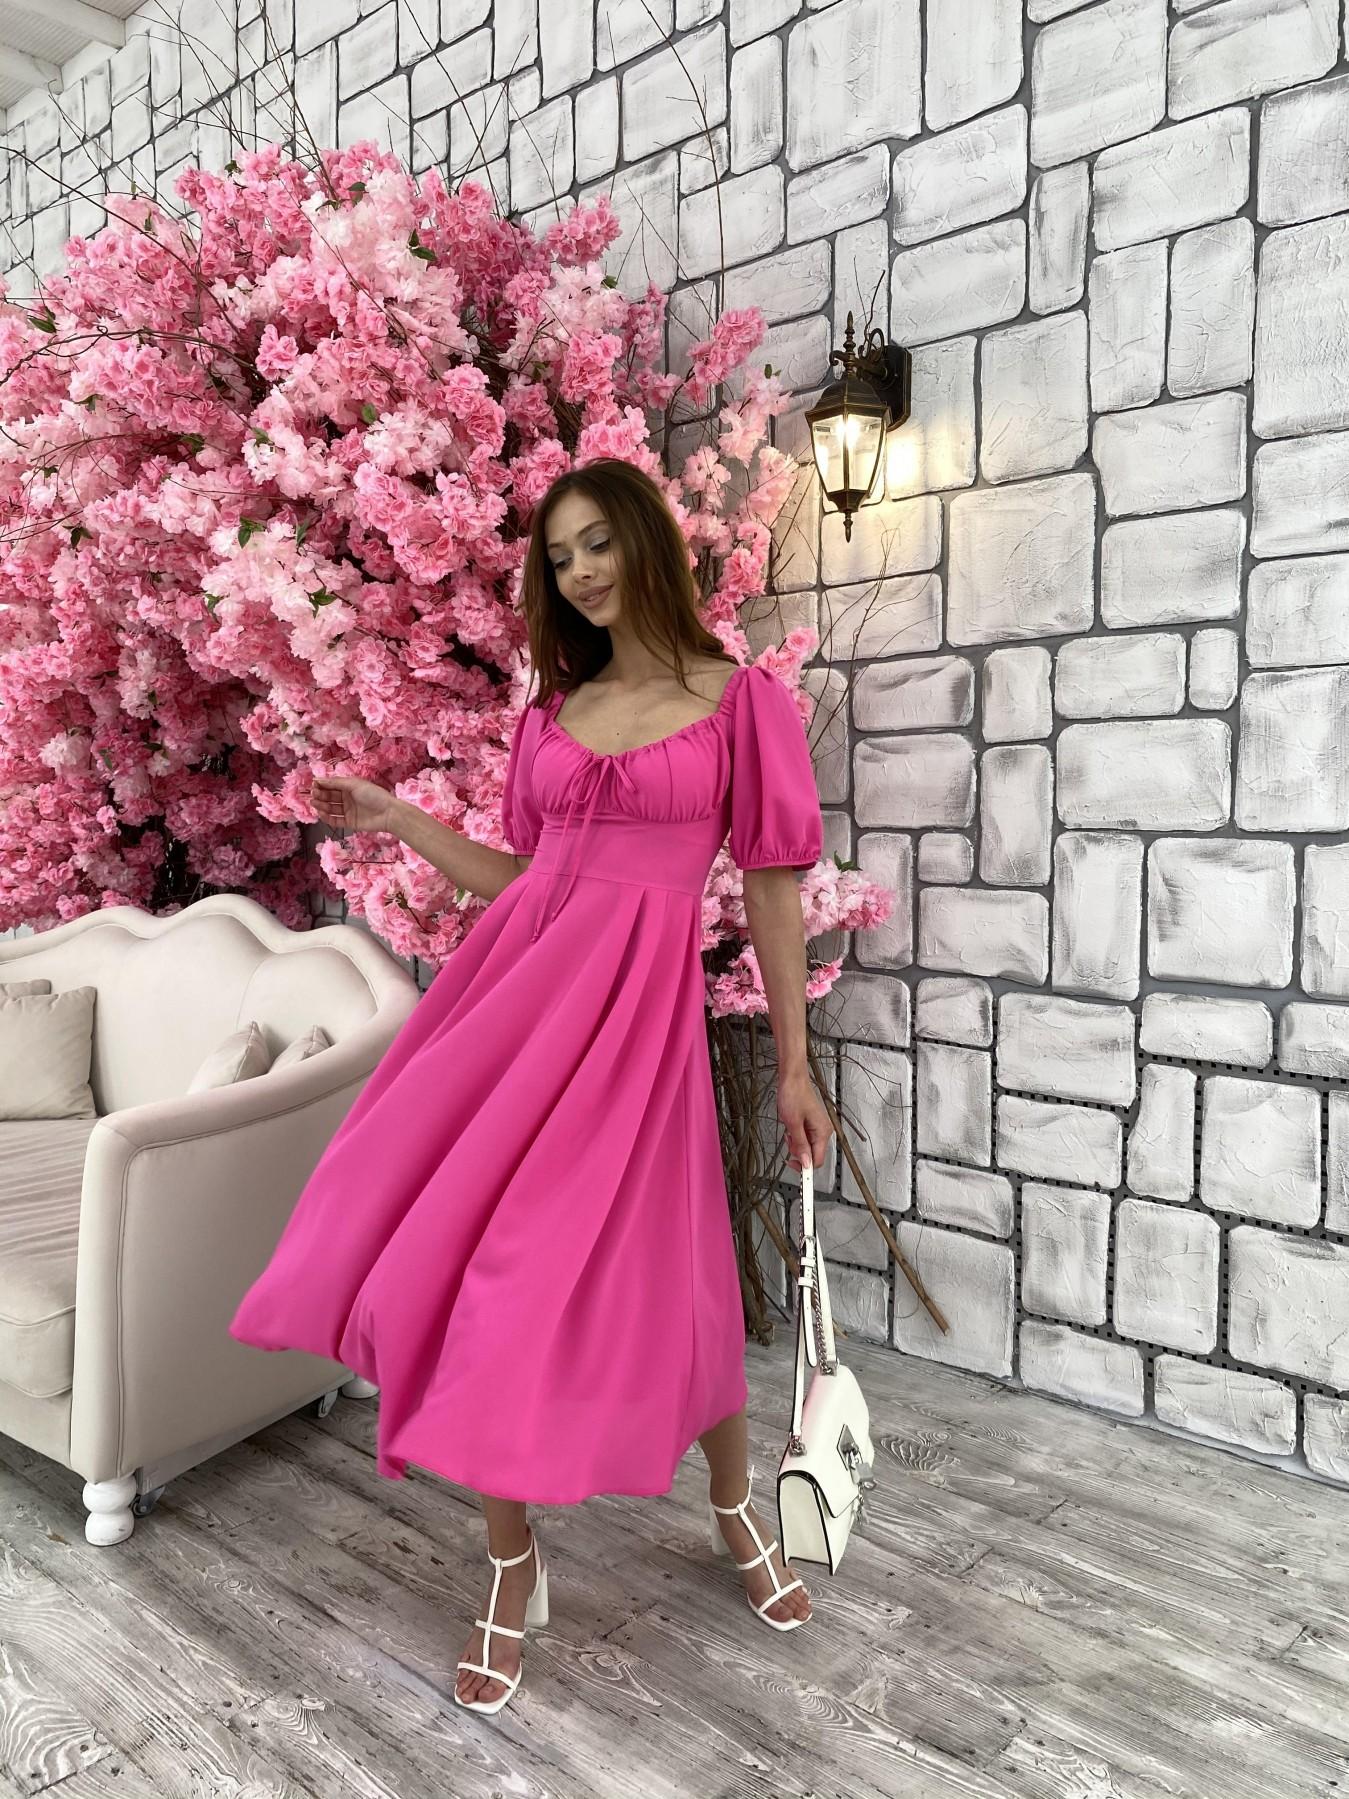 Кисес Миди платье из шифона креп 11443 АРТ. 48015 Цвет: Малиновый - фото 4, интернет магазин tm-modus.ru